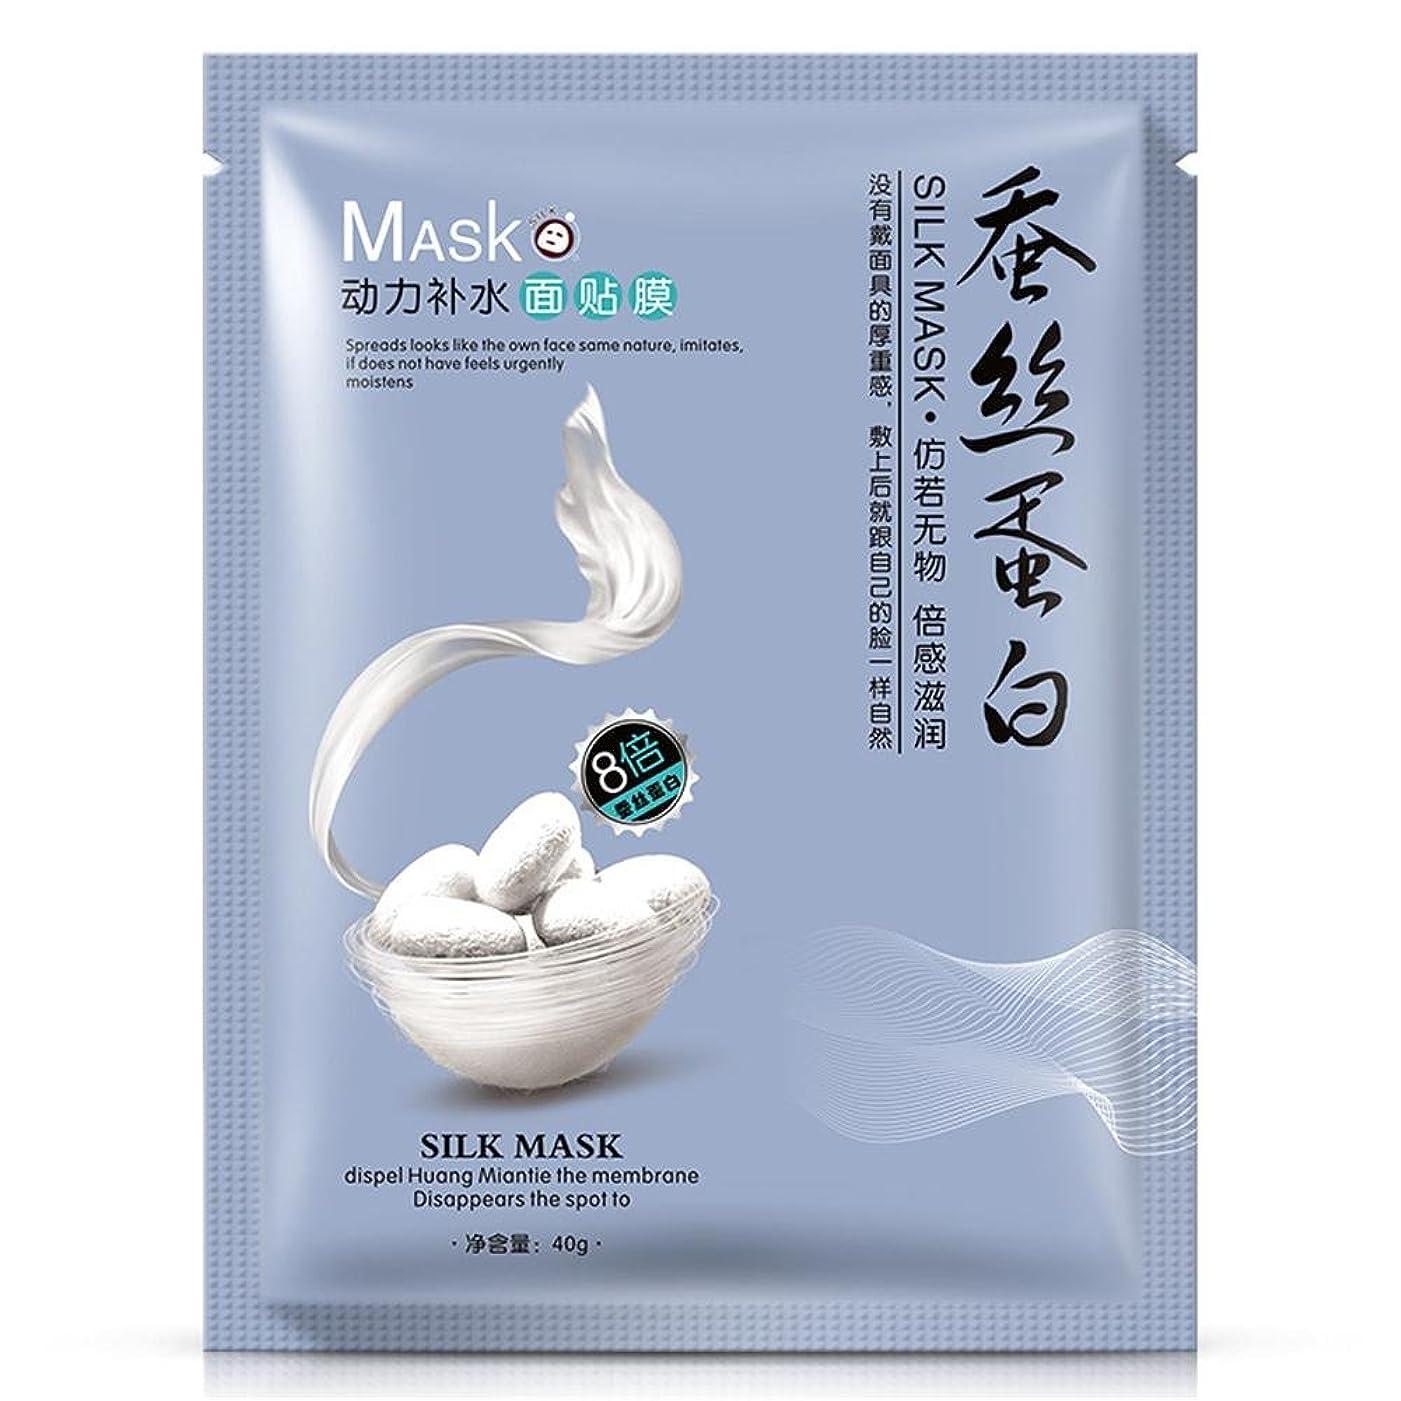 ヨーグルト誘導上院SILUN 1ピースワンスプリングシルクプロテイン保湿フェイシャルマスクオイルコントロールにきび除去ホワイトニング化粧品保湿フェイスマスク